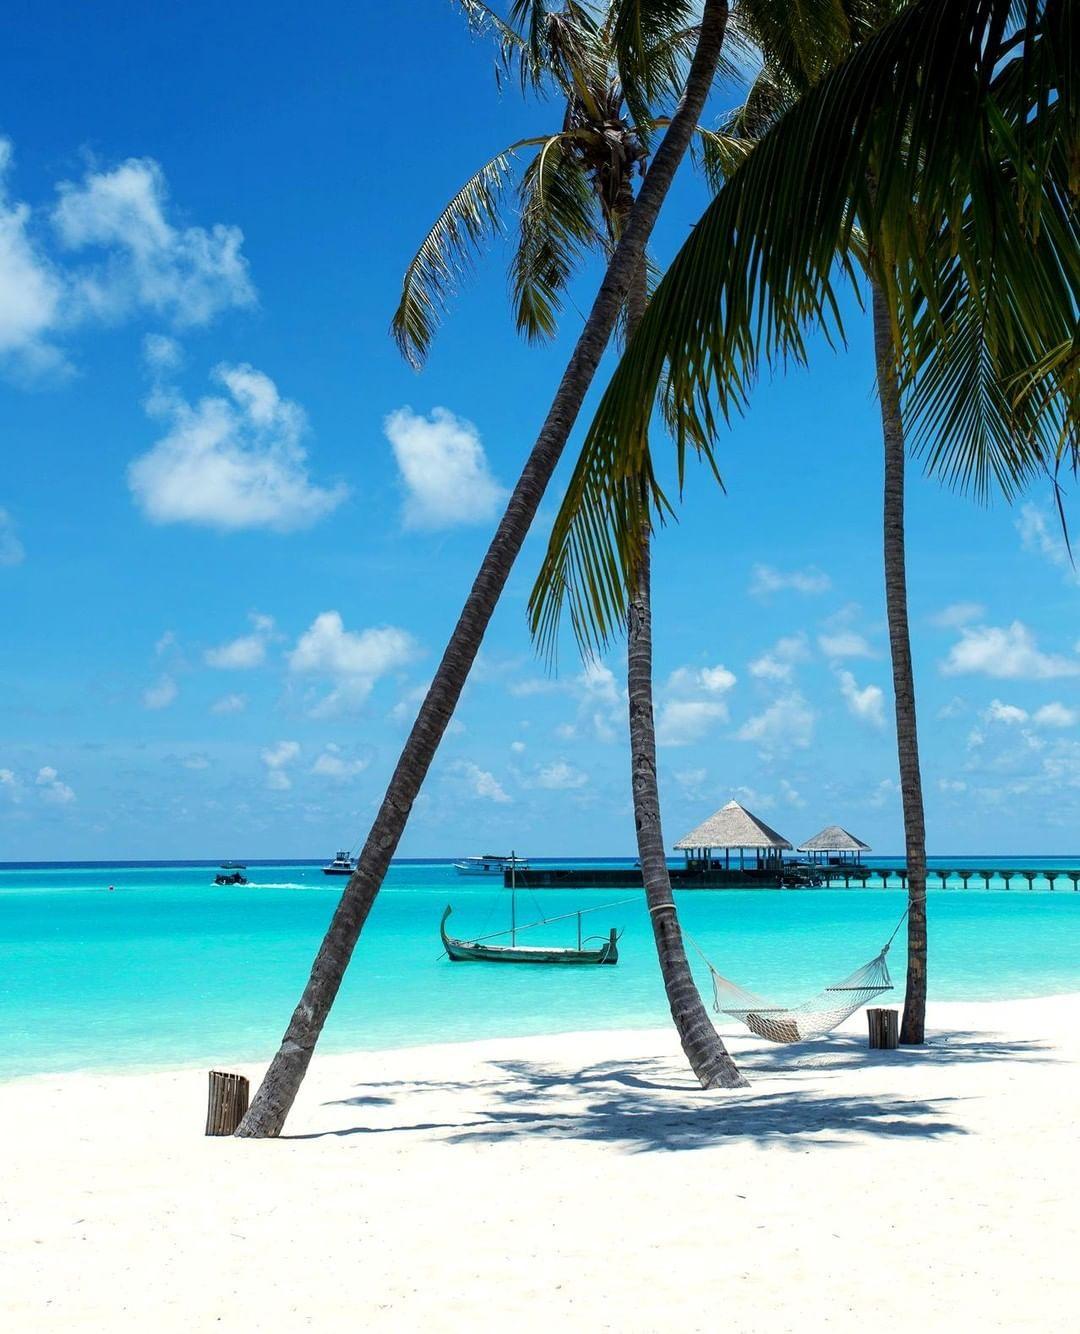 Sun Island Beach Maldives: Relaxing! ️ ------------ #maldives #beach #paradise